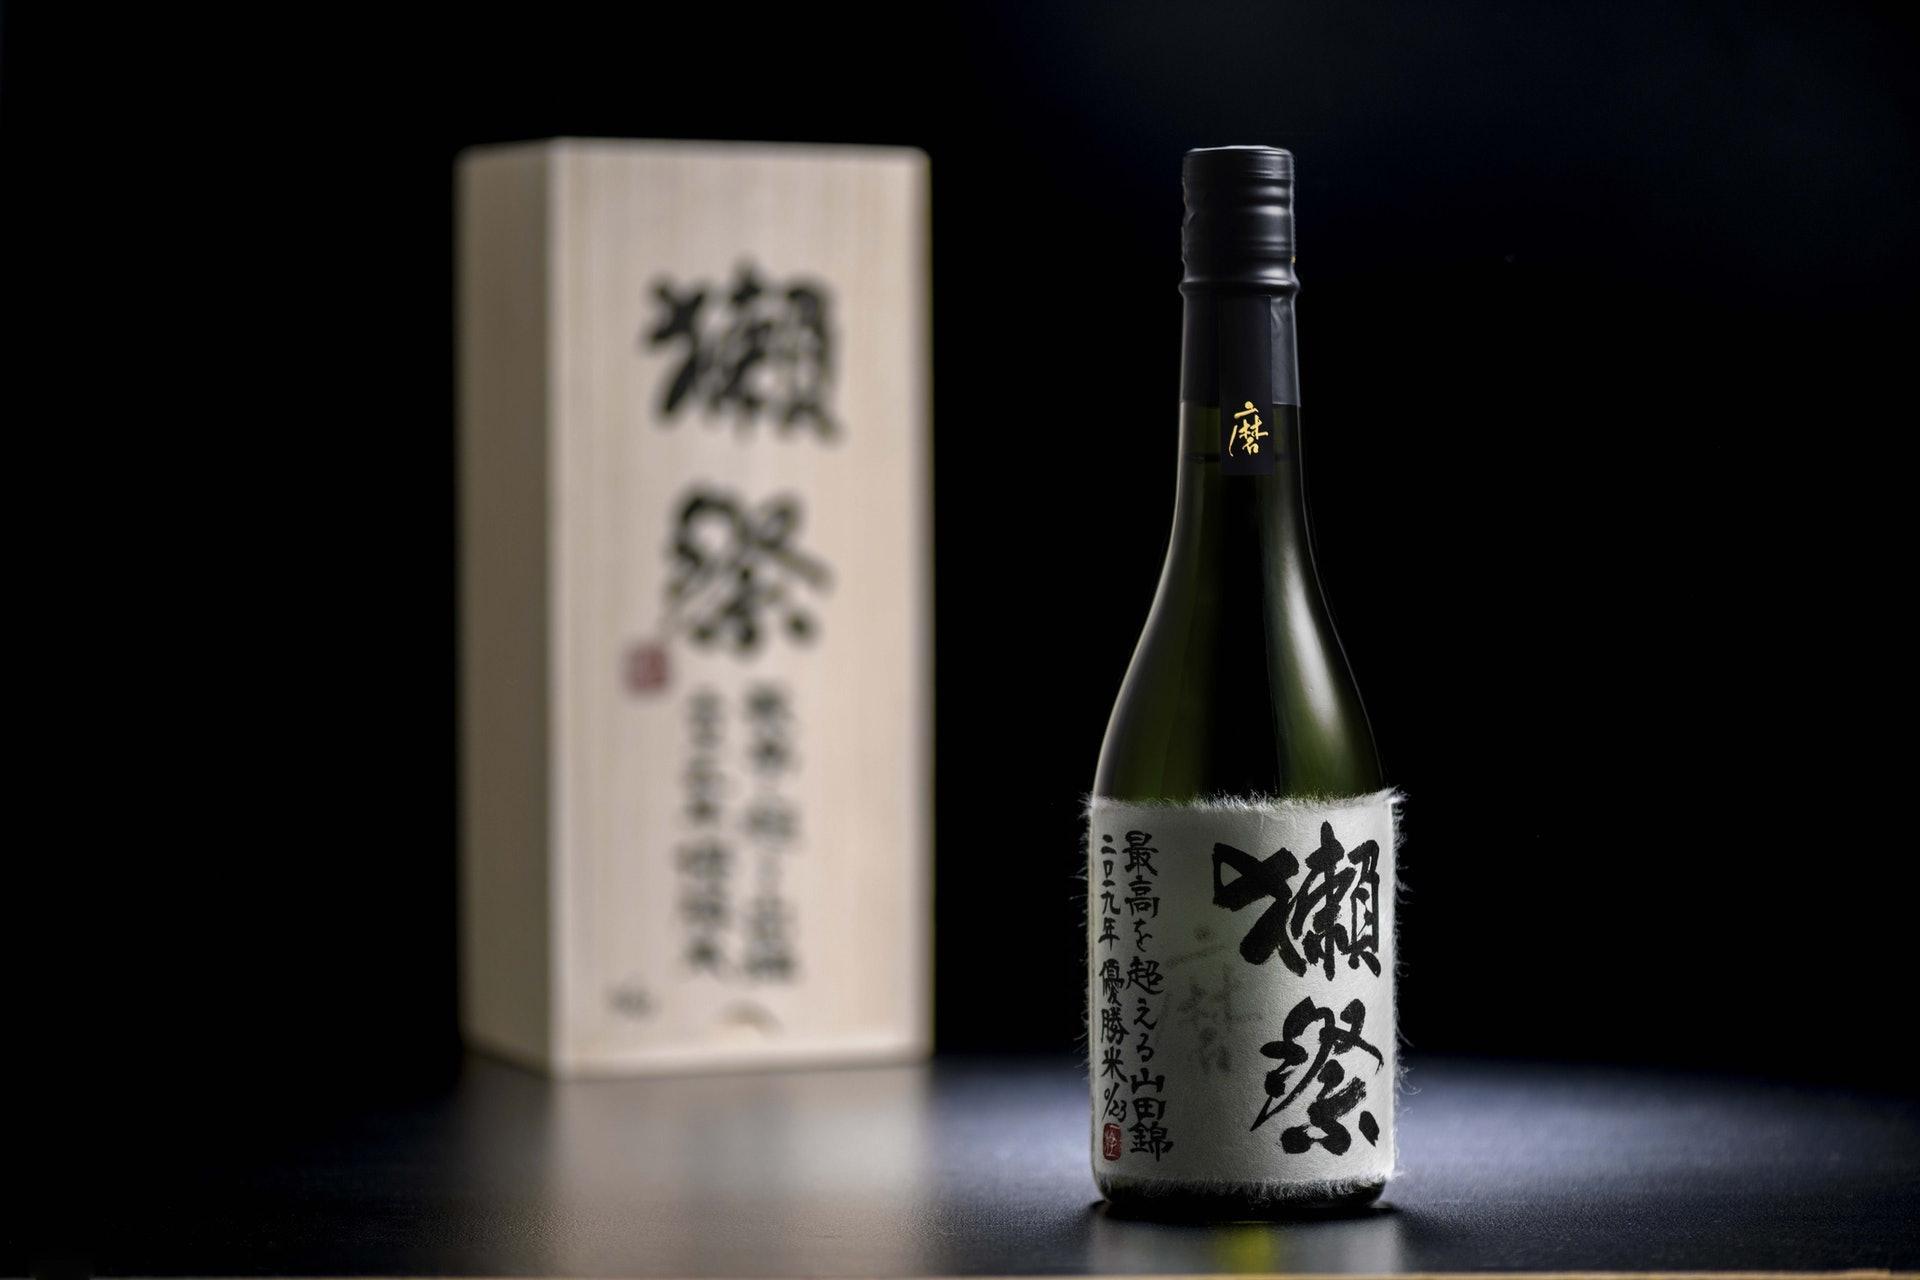 蘇富比拍賣於11月帶來六瓶來自獺祭的「超越極致」山田錦2019年度優勝米限量系列清酒(圖片來源:蘇富比)